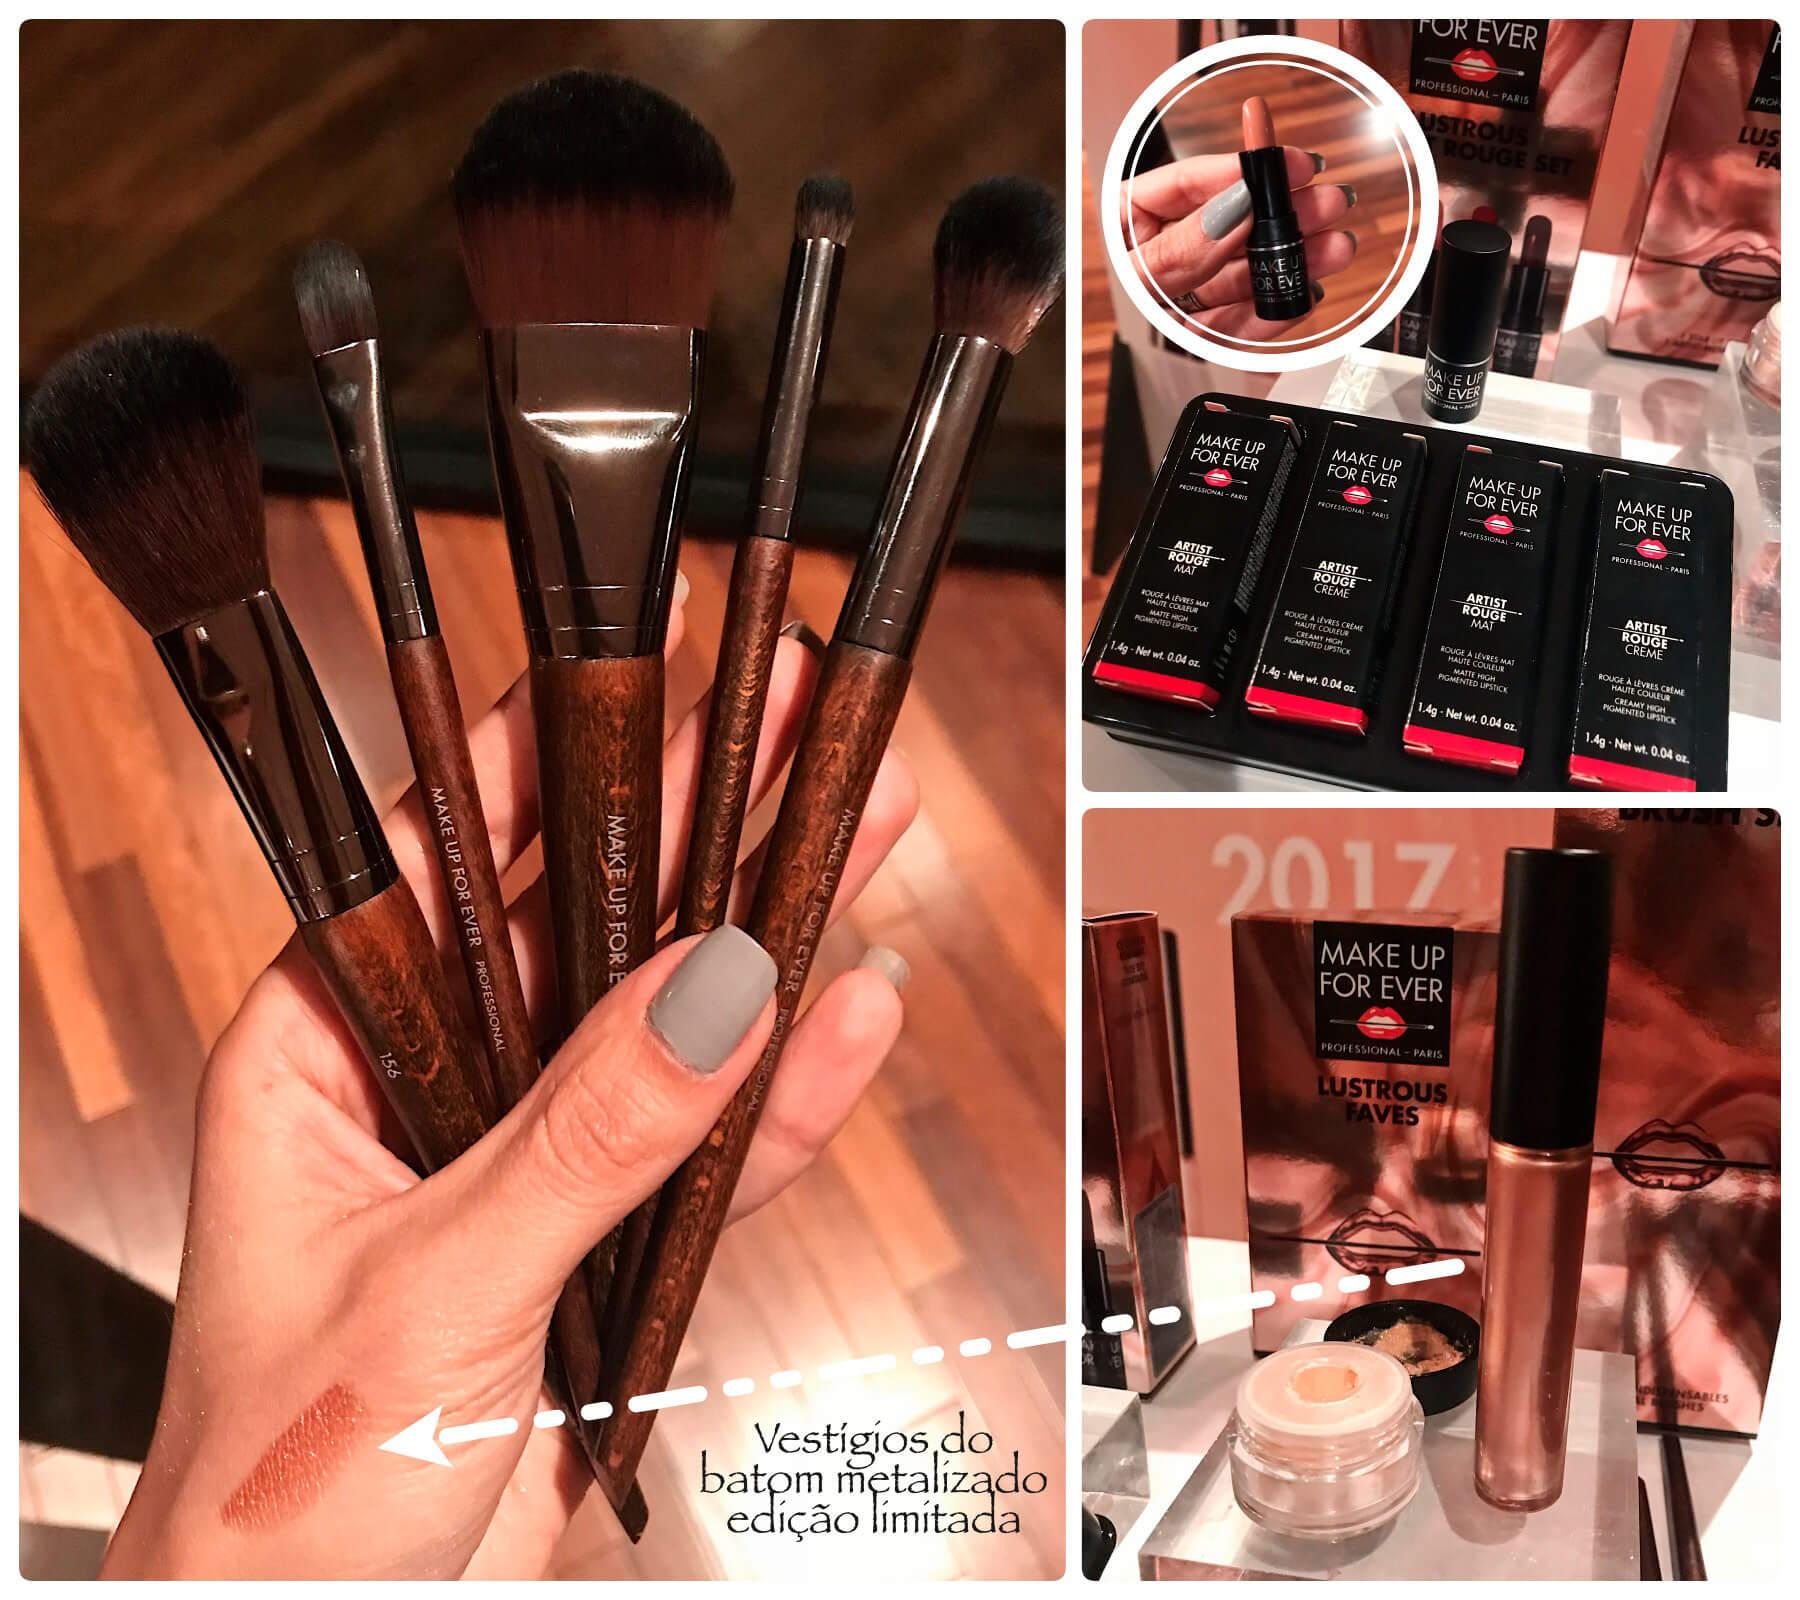 Lançamentos Sephora de Make Up For Ever, três kits com alguns de seus produtos queridinhos em embalagens presenteáveis